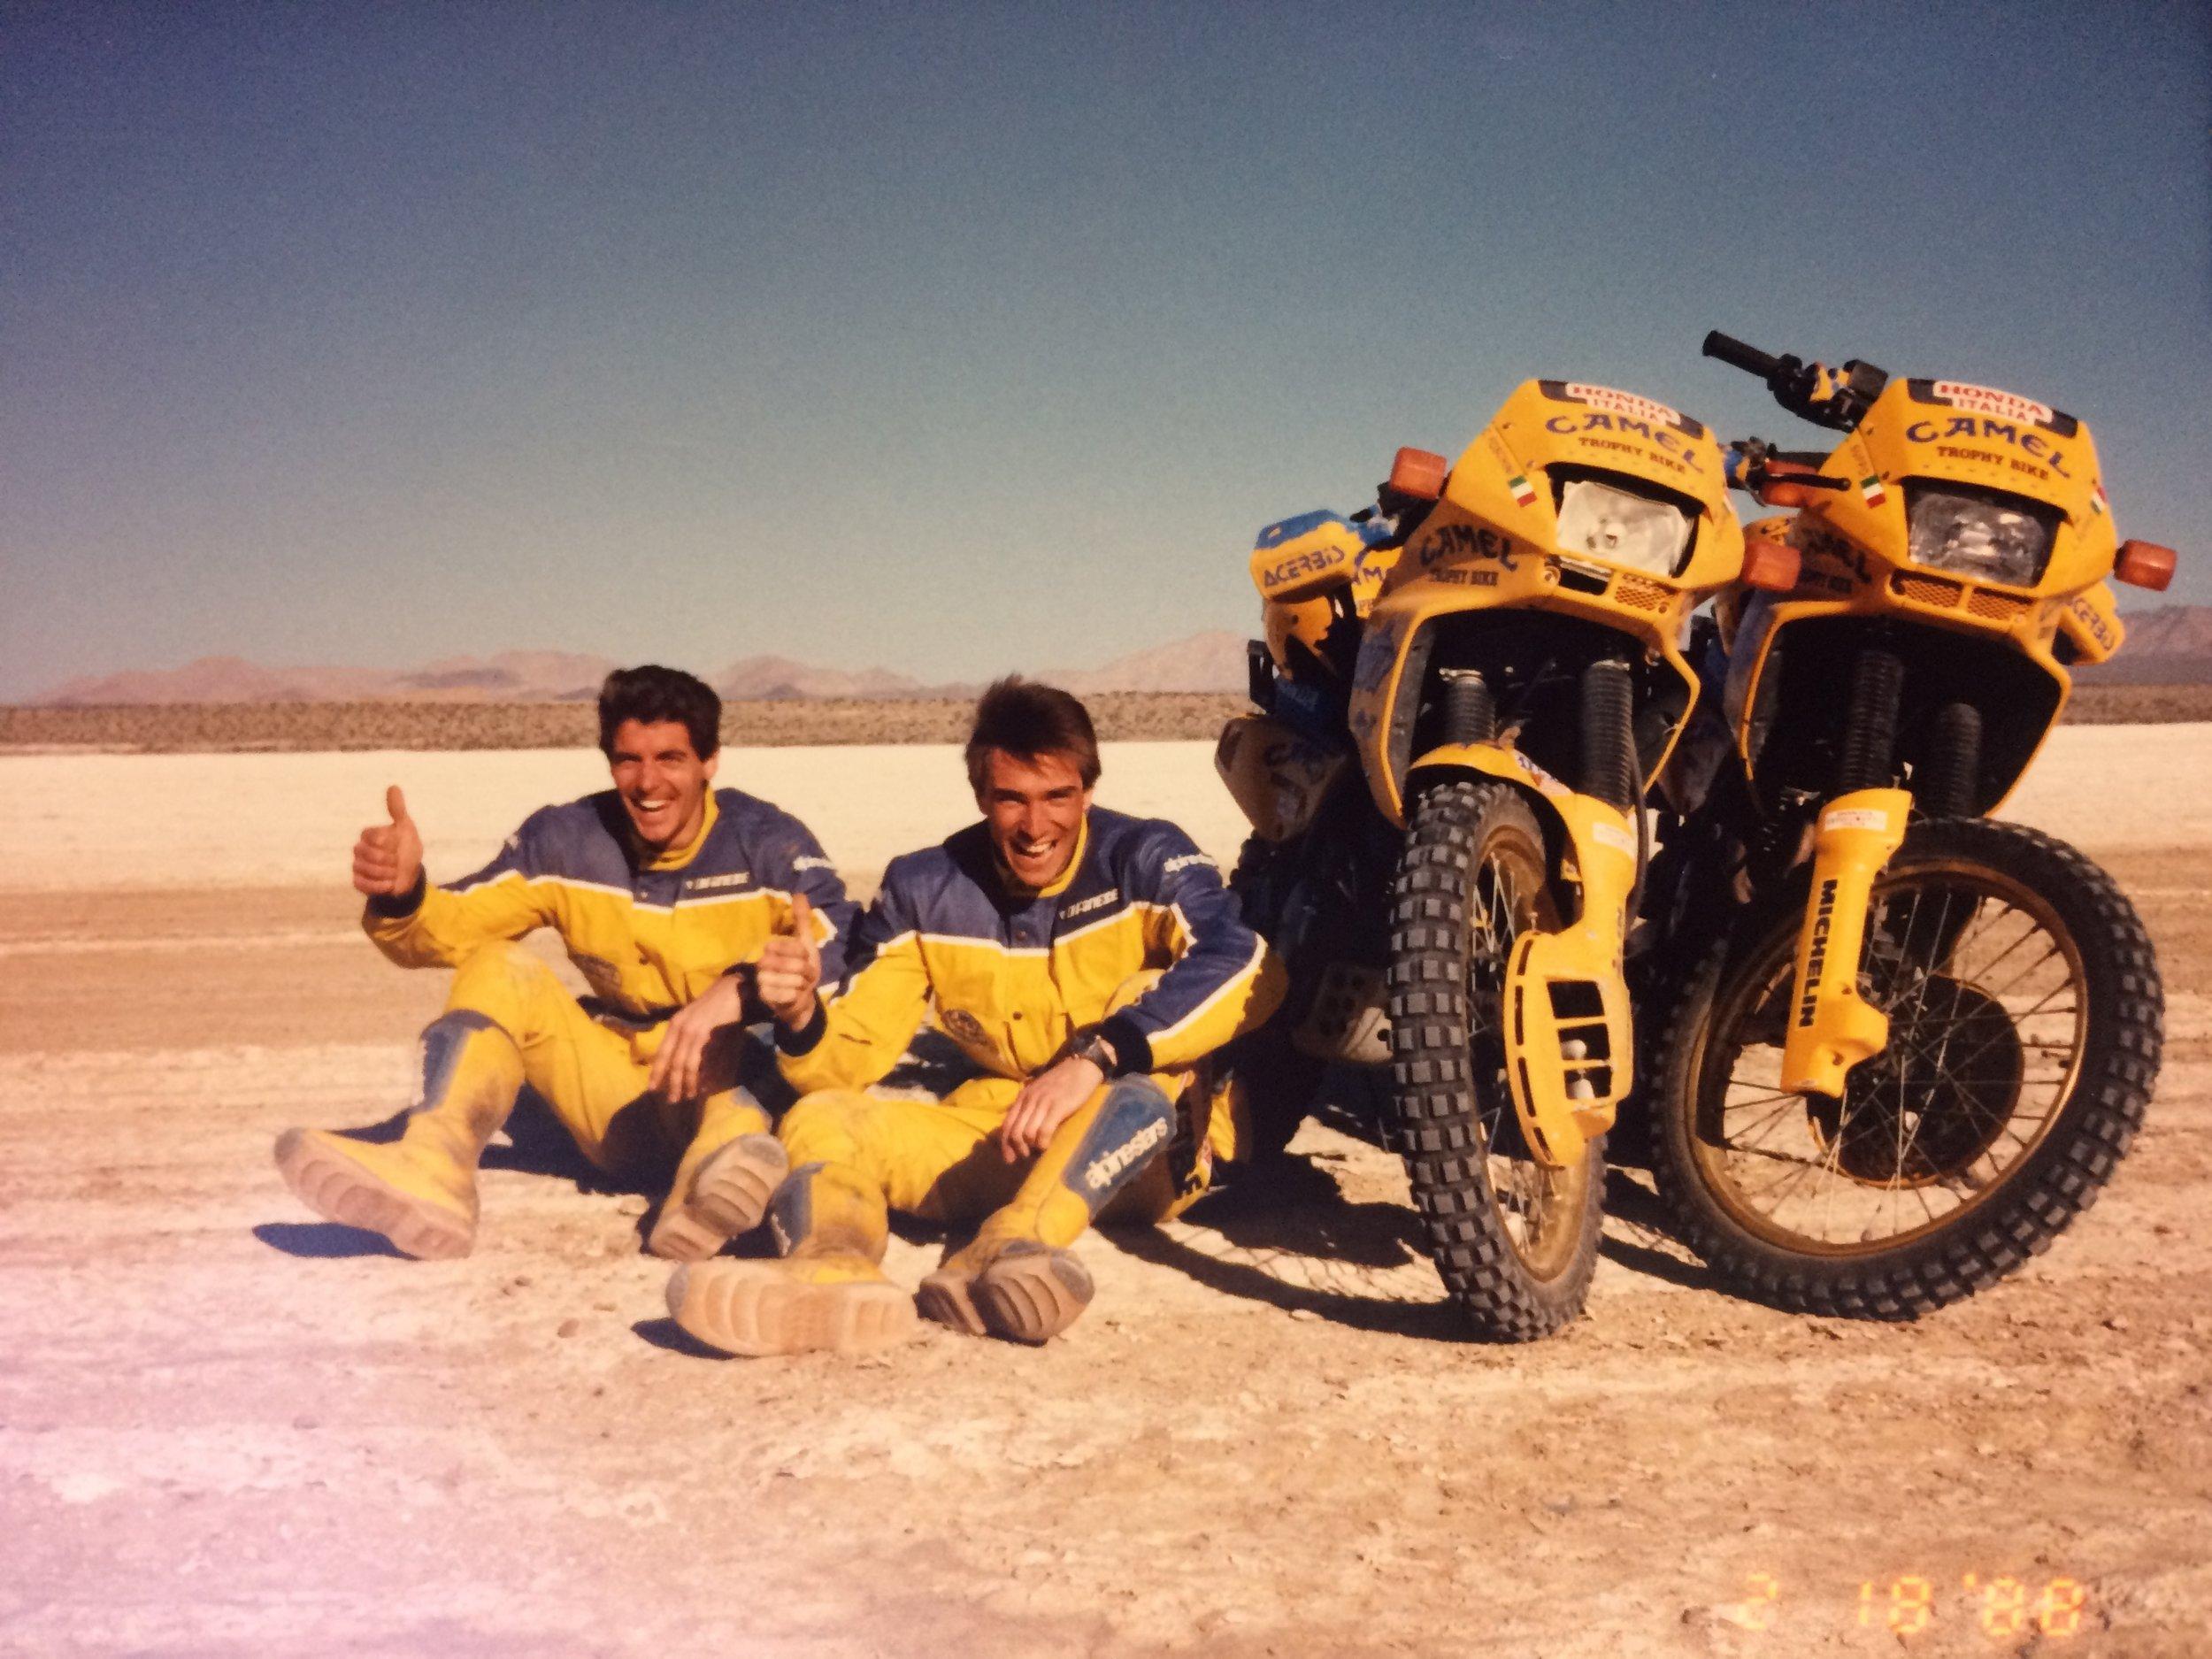 Livio Suppo (right) with teammate Claudio Foschini on El Diablo dry lake near San Felipe, in Baja, Mexico.  Photo by Scott Cox / Resmarket